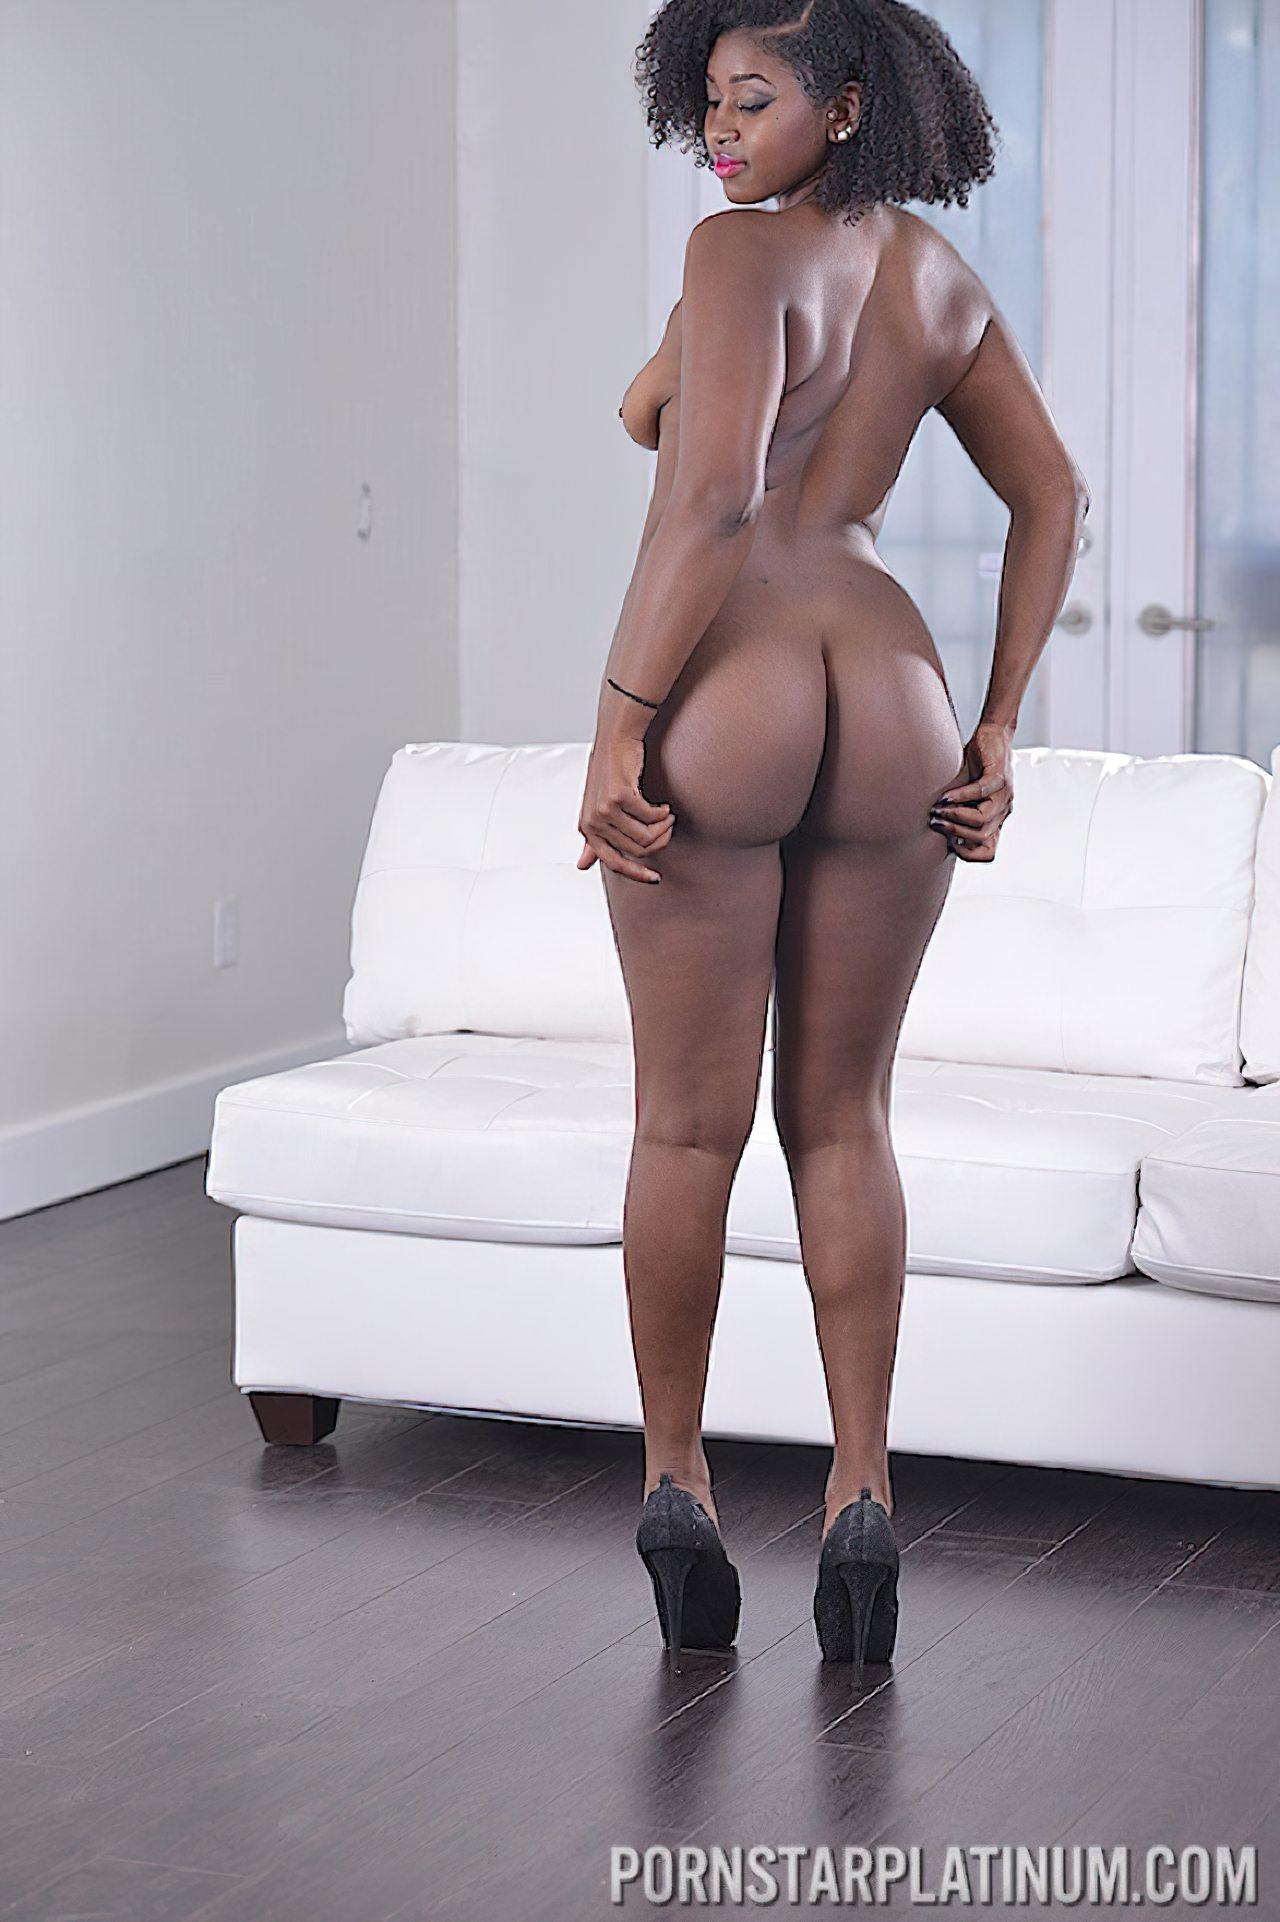 Mulher Negra Despindo Roupa (8)